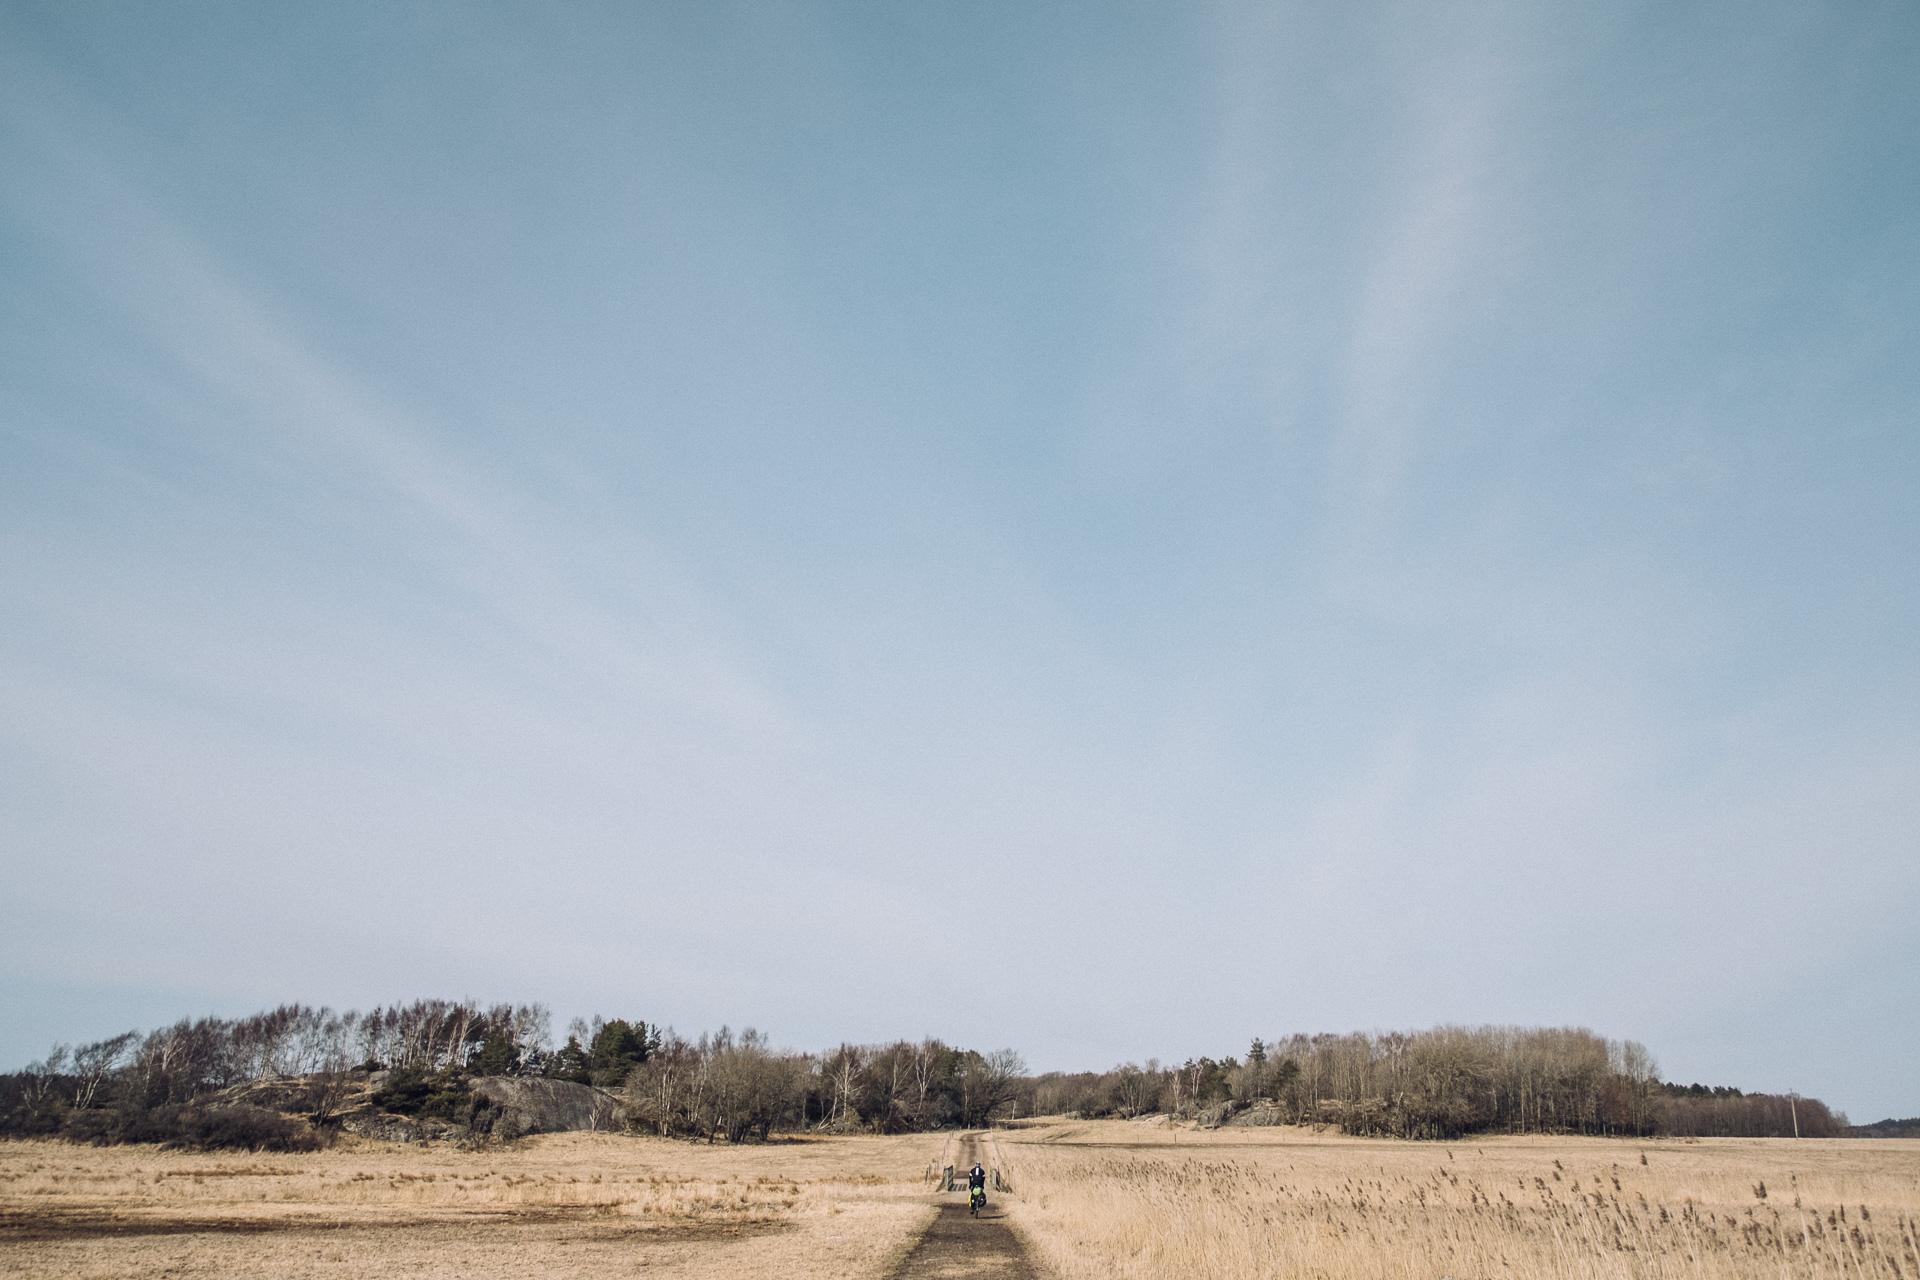 450km on two wheels - from Copenhagen to Bohuslän